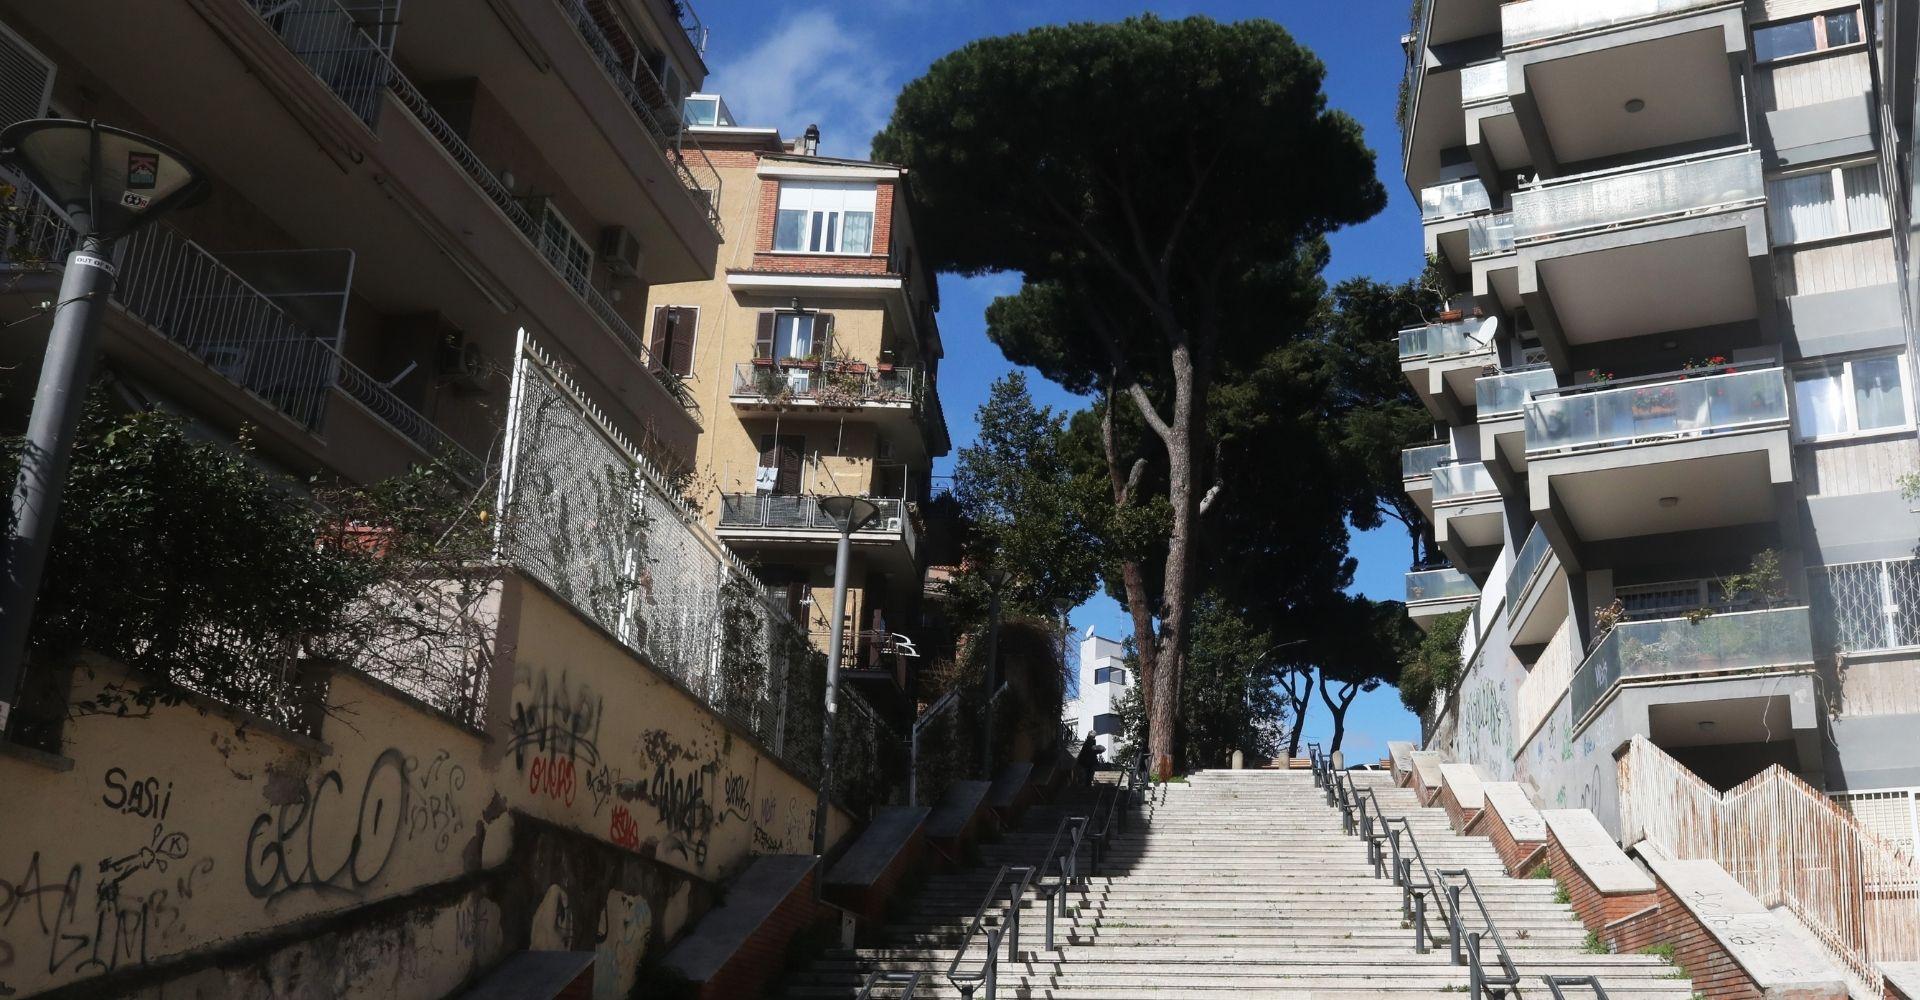 Le bellezze inaspettate di Roma (e del quartiere Monteverde) raccontate da un giallista